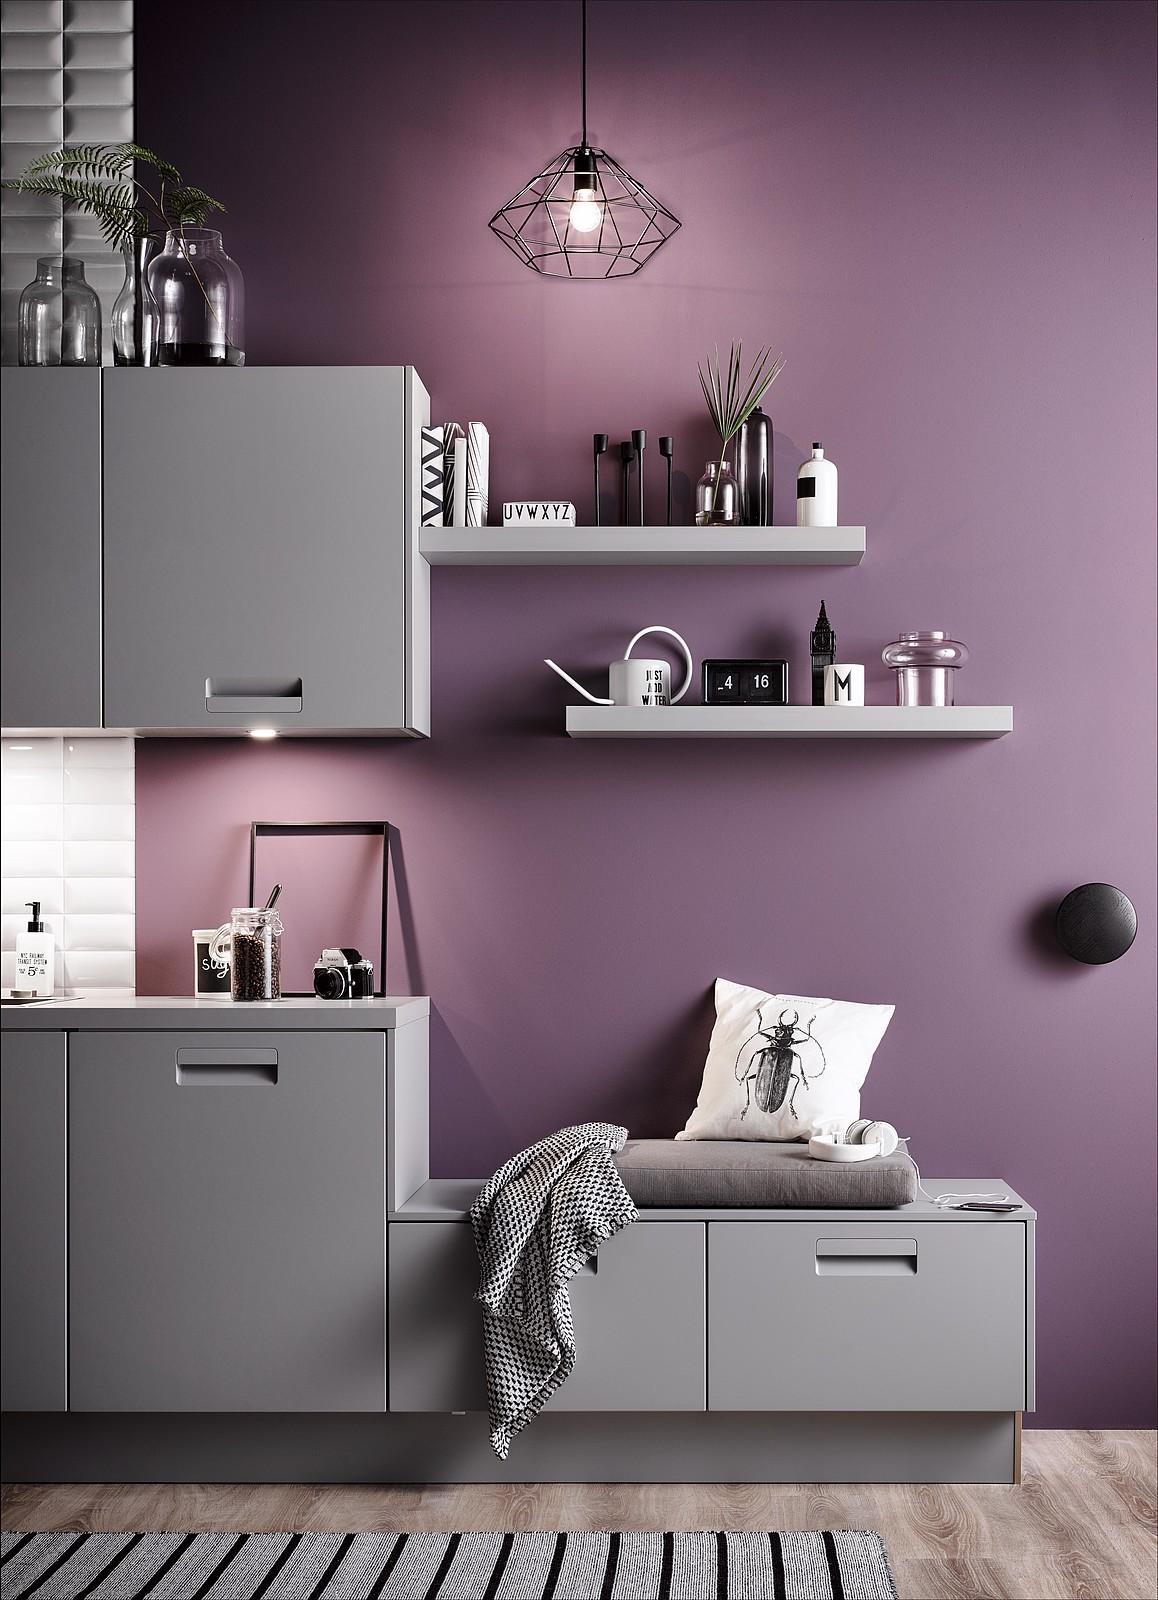 Full Size of Kchenfarben Welche Farbe Passt Zu Wem Küche Rosa Wohnzimmer Wandfarbe Rosa